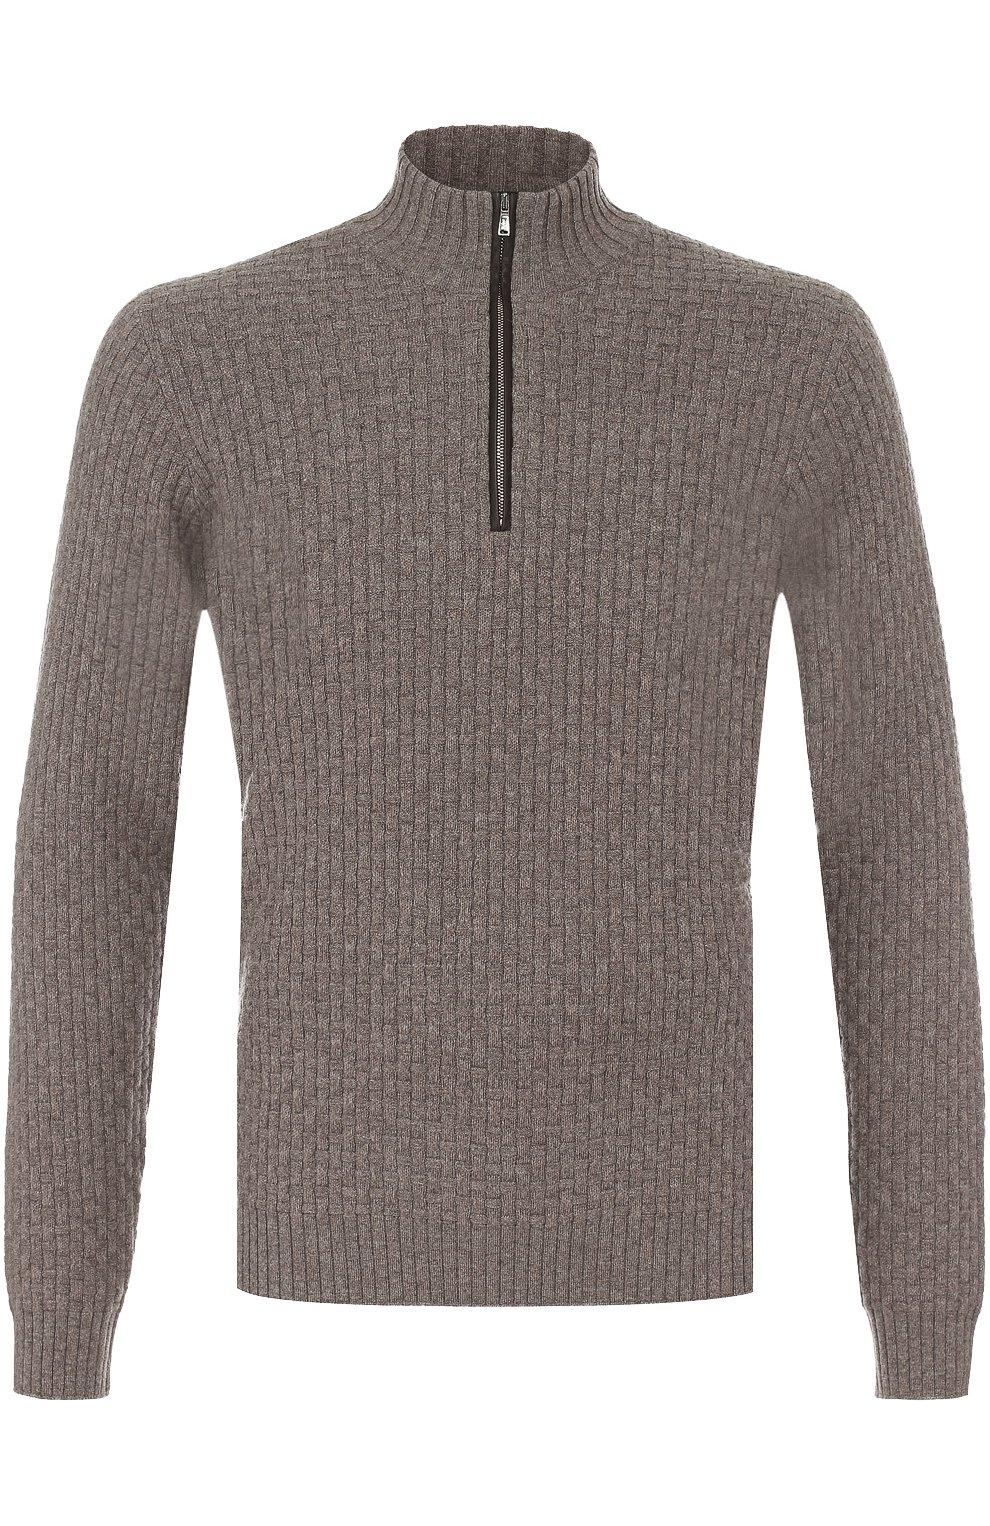 ffadd2e806c96 Кашемировый свитер фактурной вязки с кожаной отделкой Fioroni темно-бежевый  | Фото №1